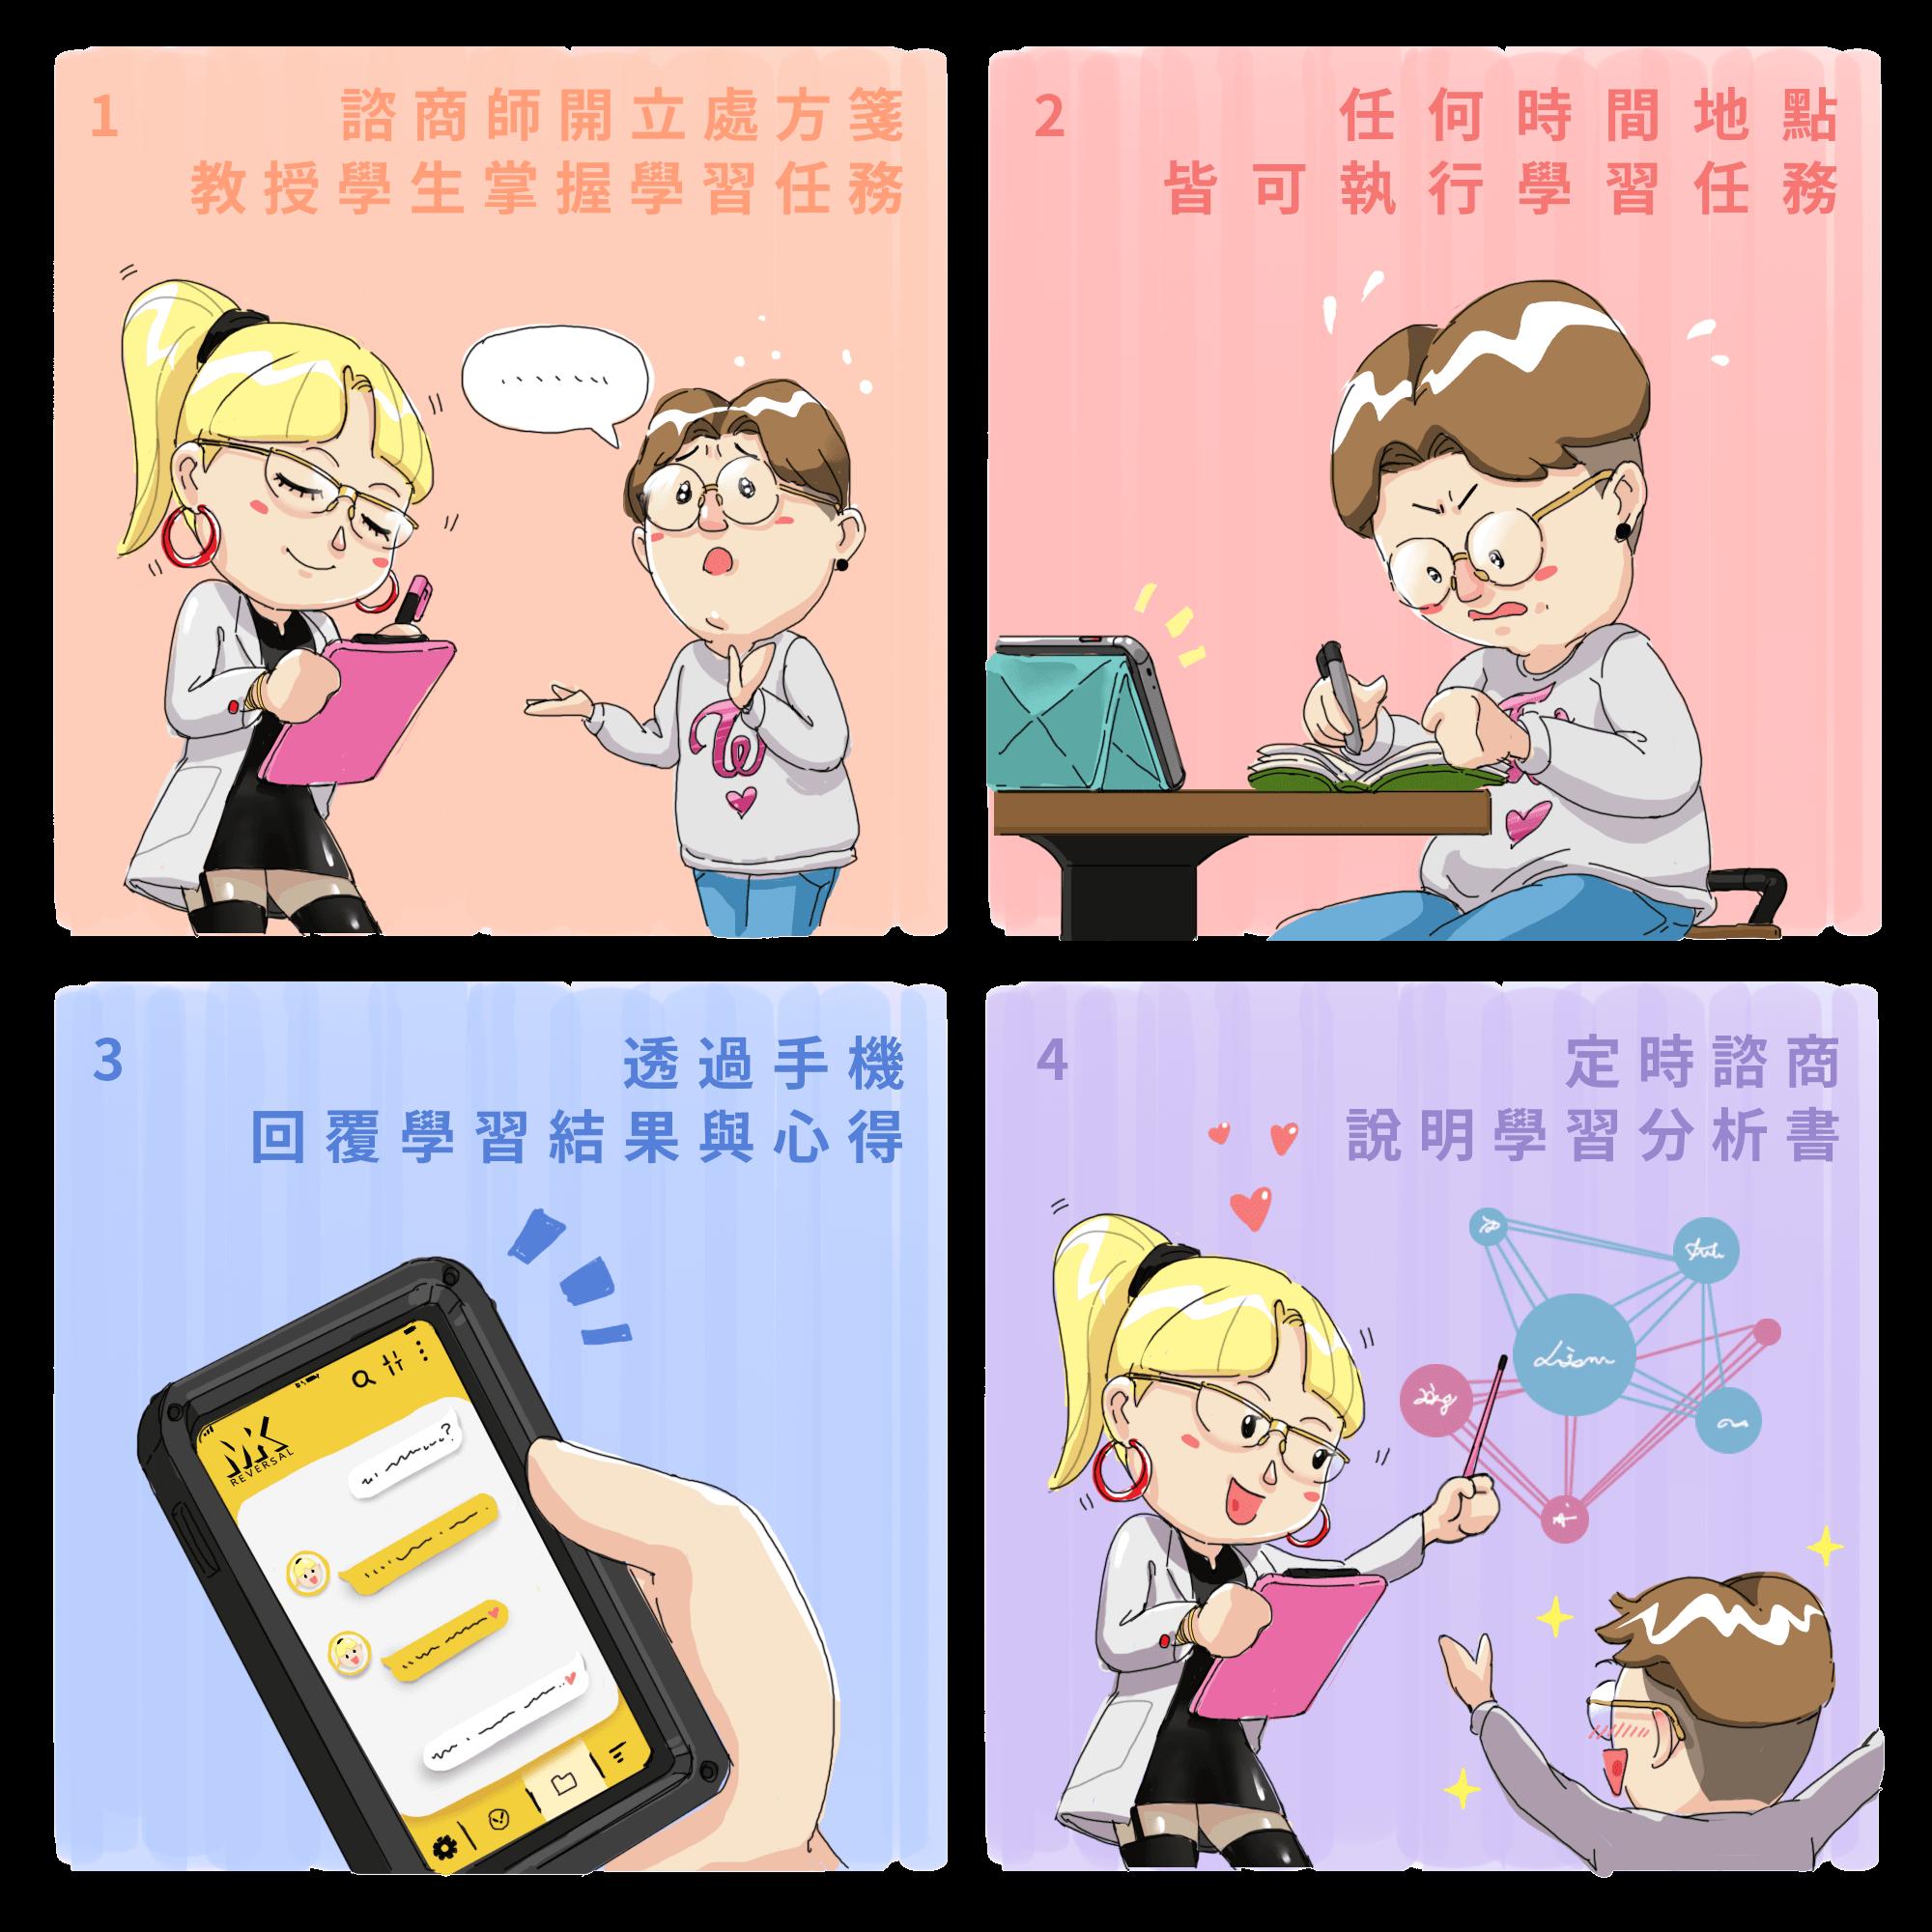 MK反轉外語語言學習過程